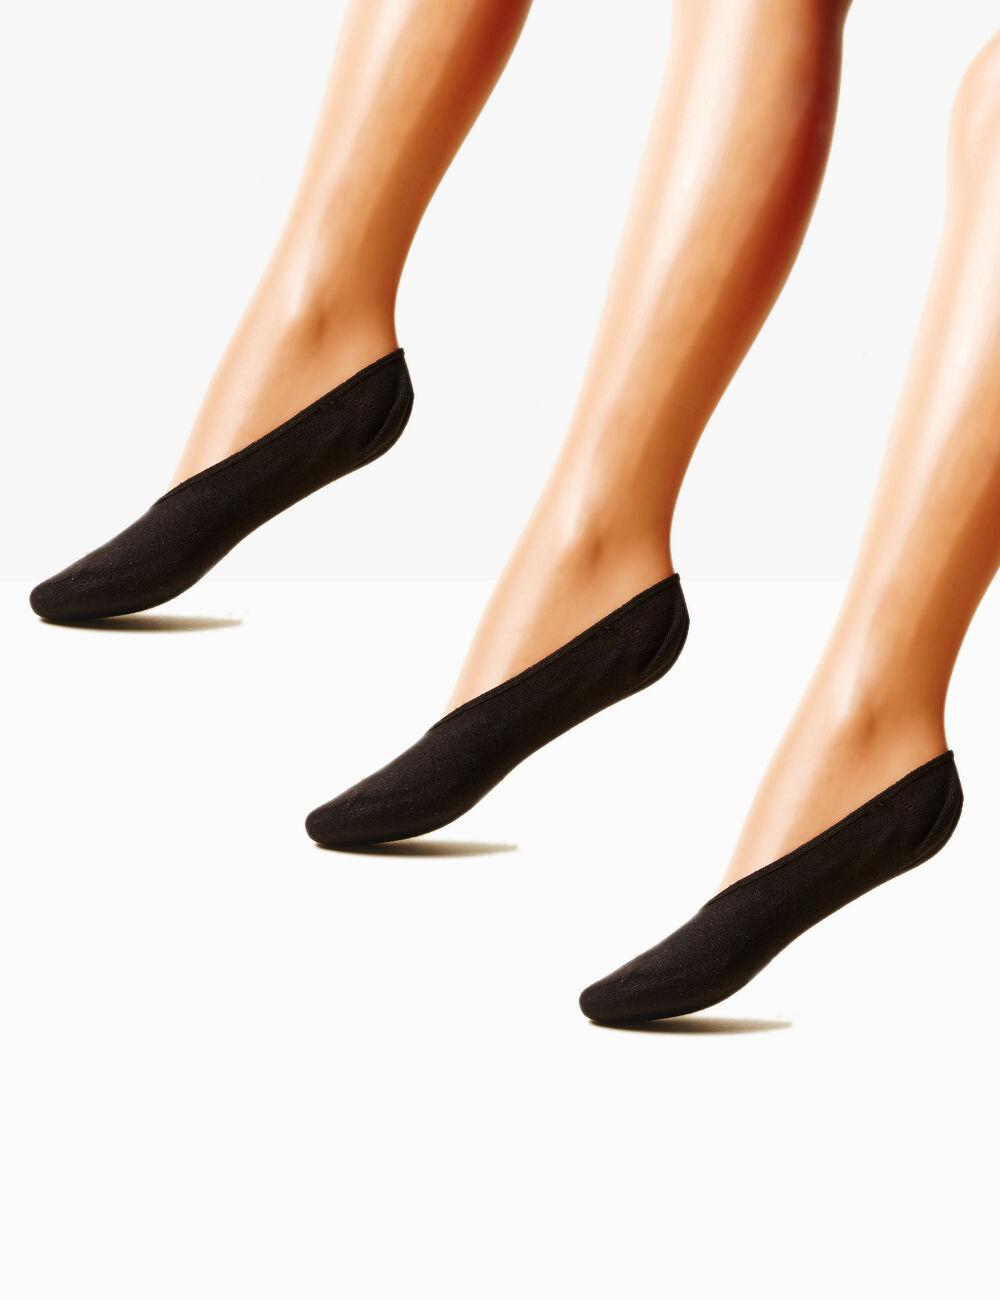 chaussettes invisibles noires femme jennyfer. Black Bedroom Furniture Sets. Home Design Ideas